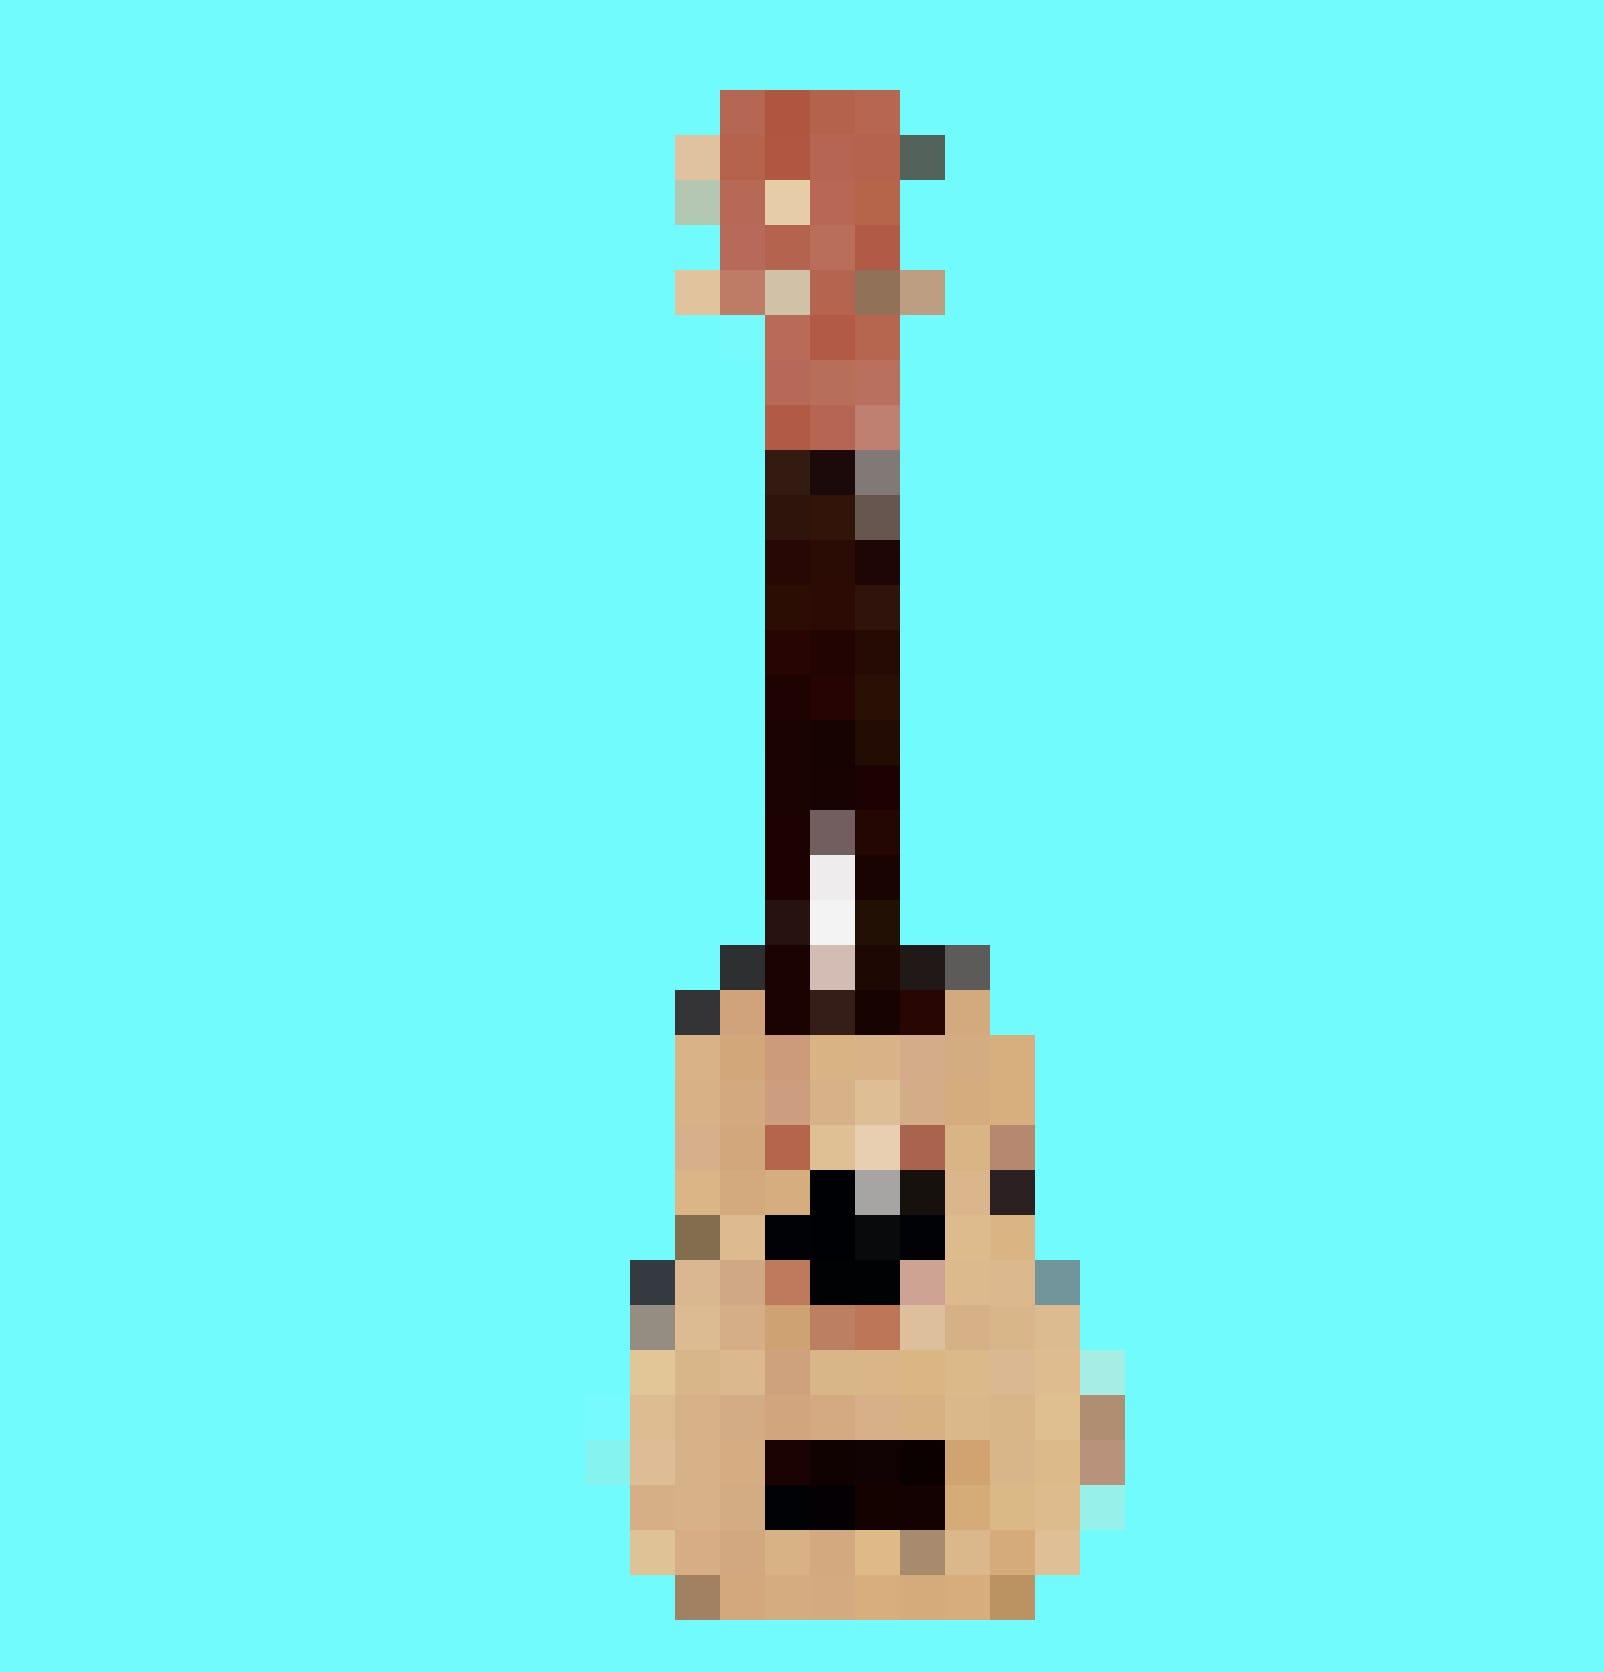 BONTEMPI ukulele con 4 corde di nylon,   fr. 27.80, su microspot.ch.